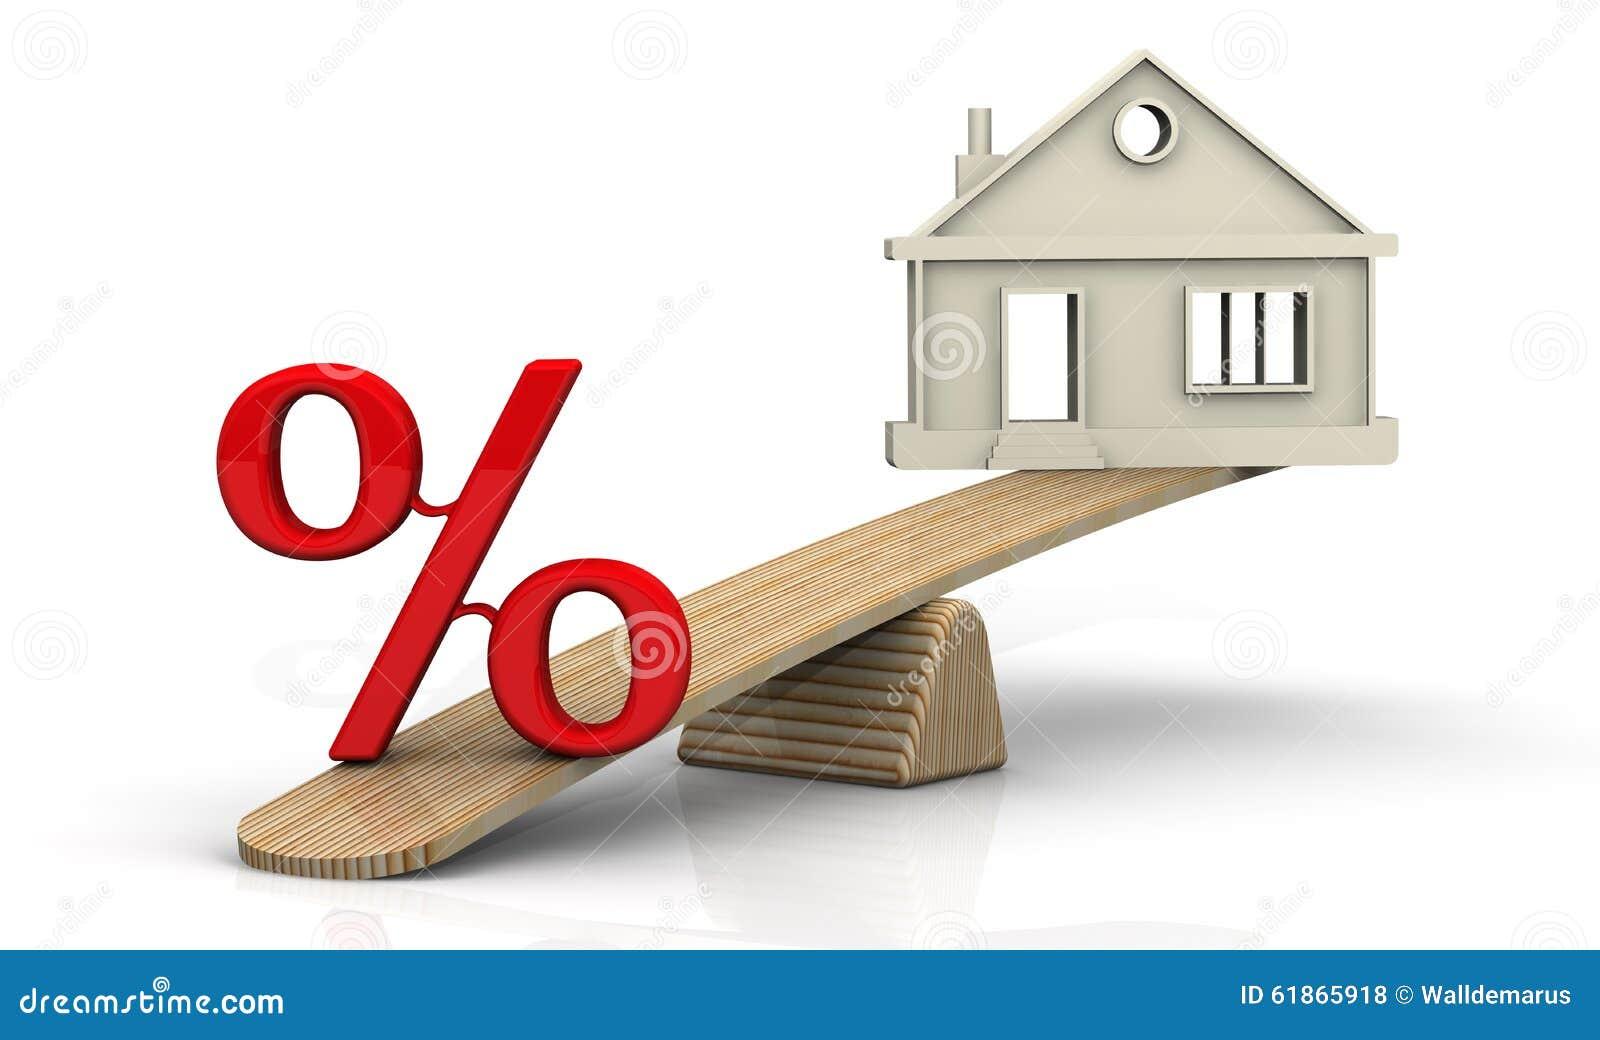 zinsen auf die hypothek konzept stock abbildung bild. Black Bedroom Furniture Sets. Home Design Ideas